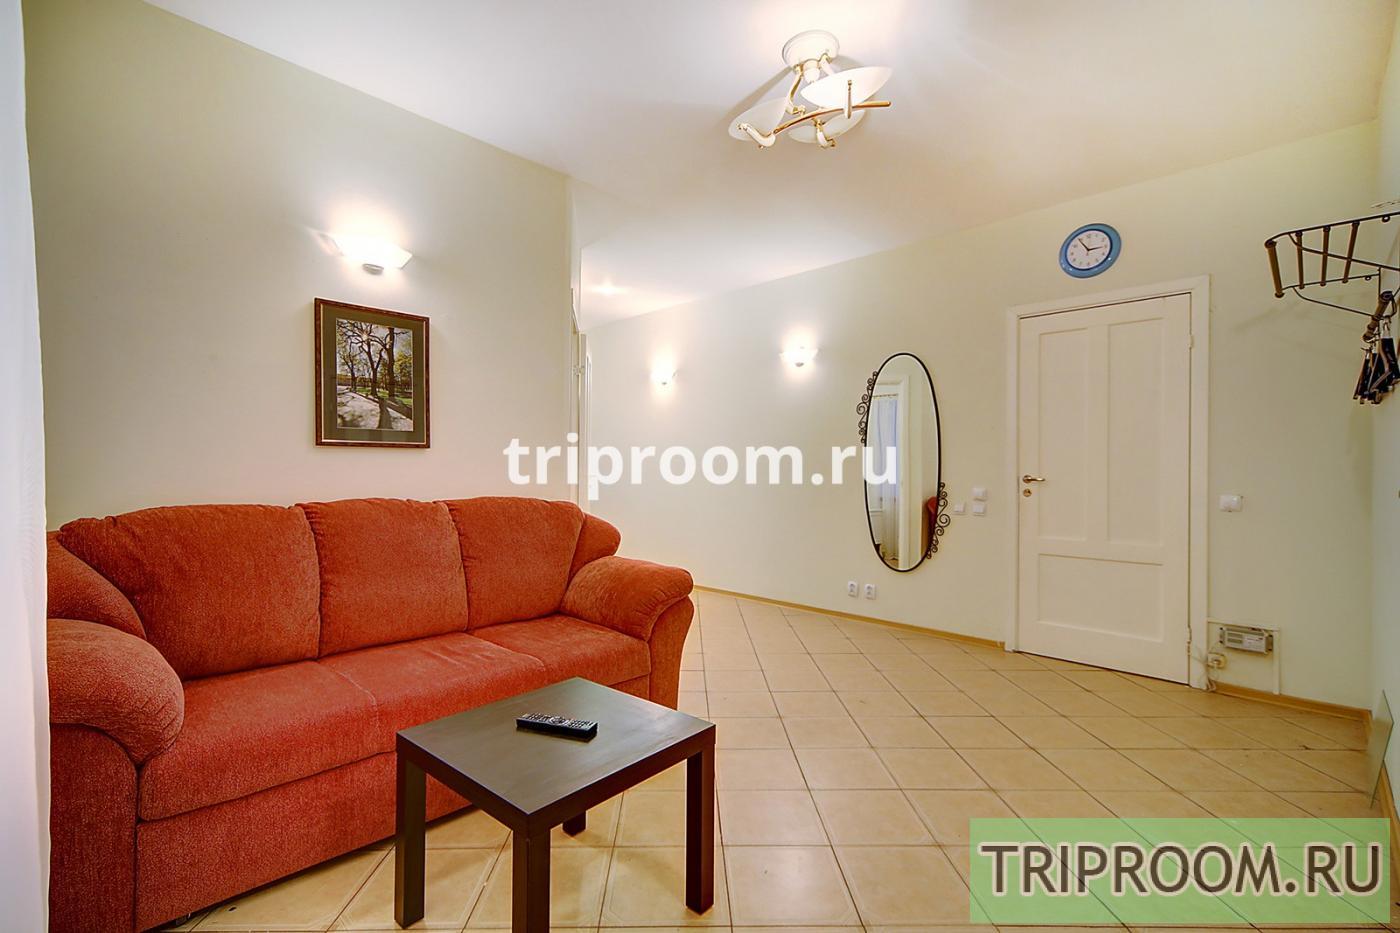 3-комнатная квартира посуточно (вариант № 14749), ул. Большая Конюшенная улица, фото № 4